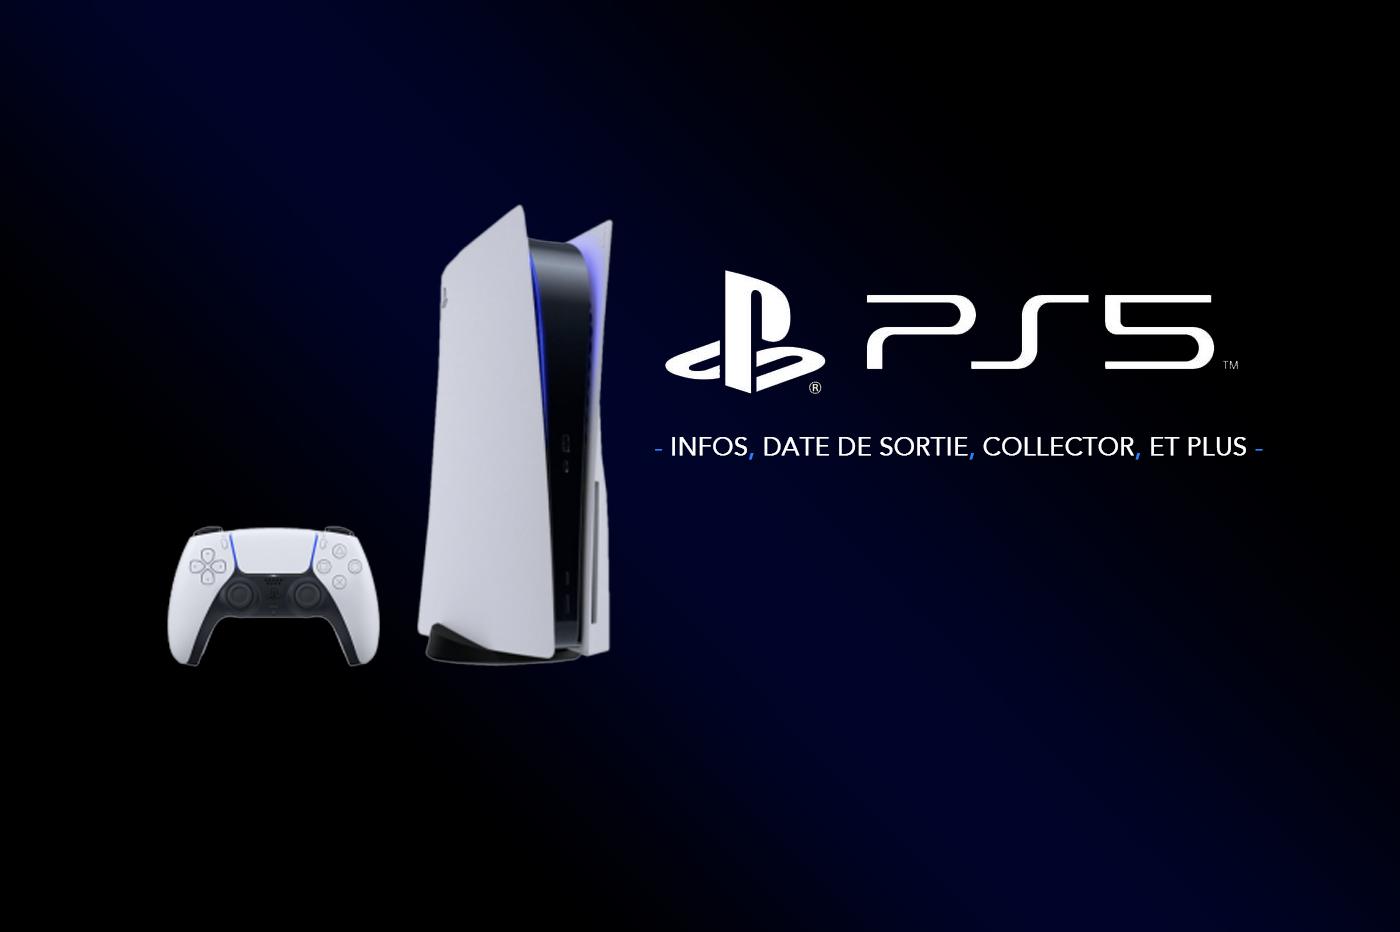 PlayStation 5 - Infos, date, rumeurs, prix et plus encore